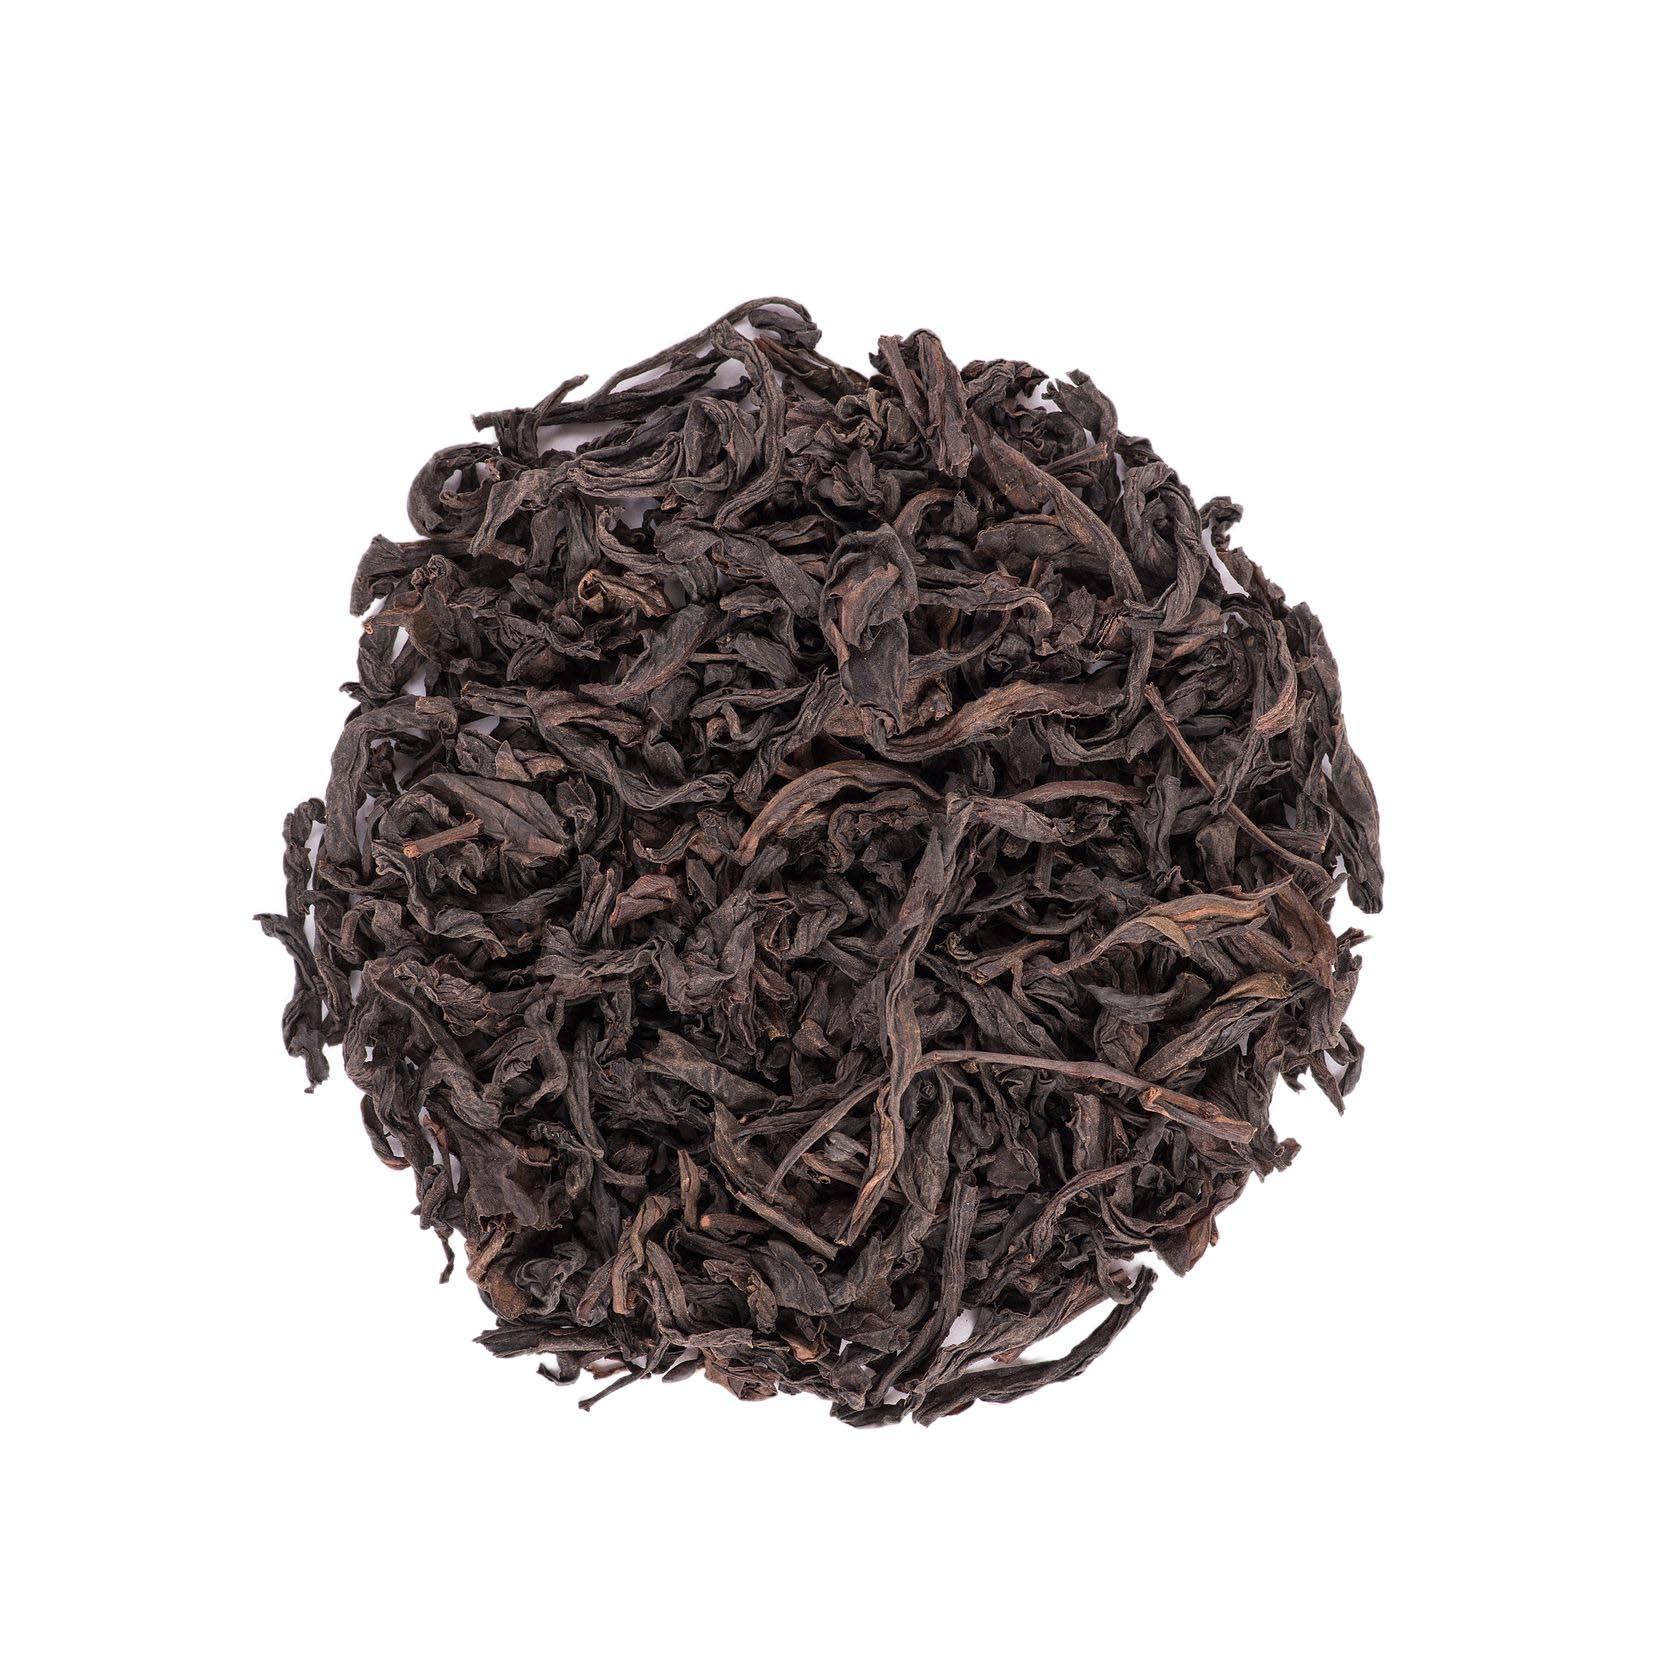 Да хун пао - свойства, как заваривать чай большой красный халат